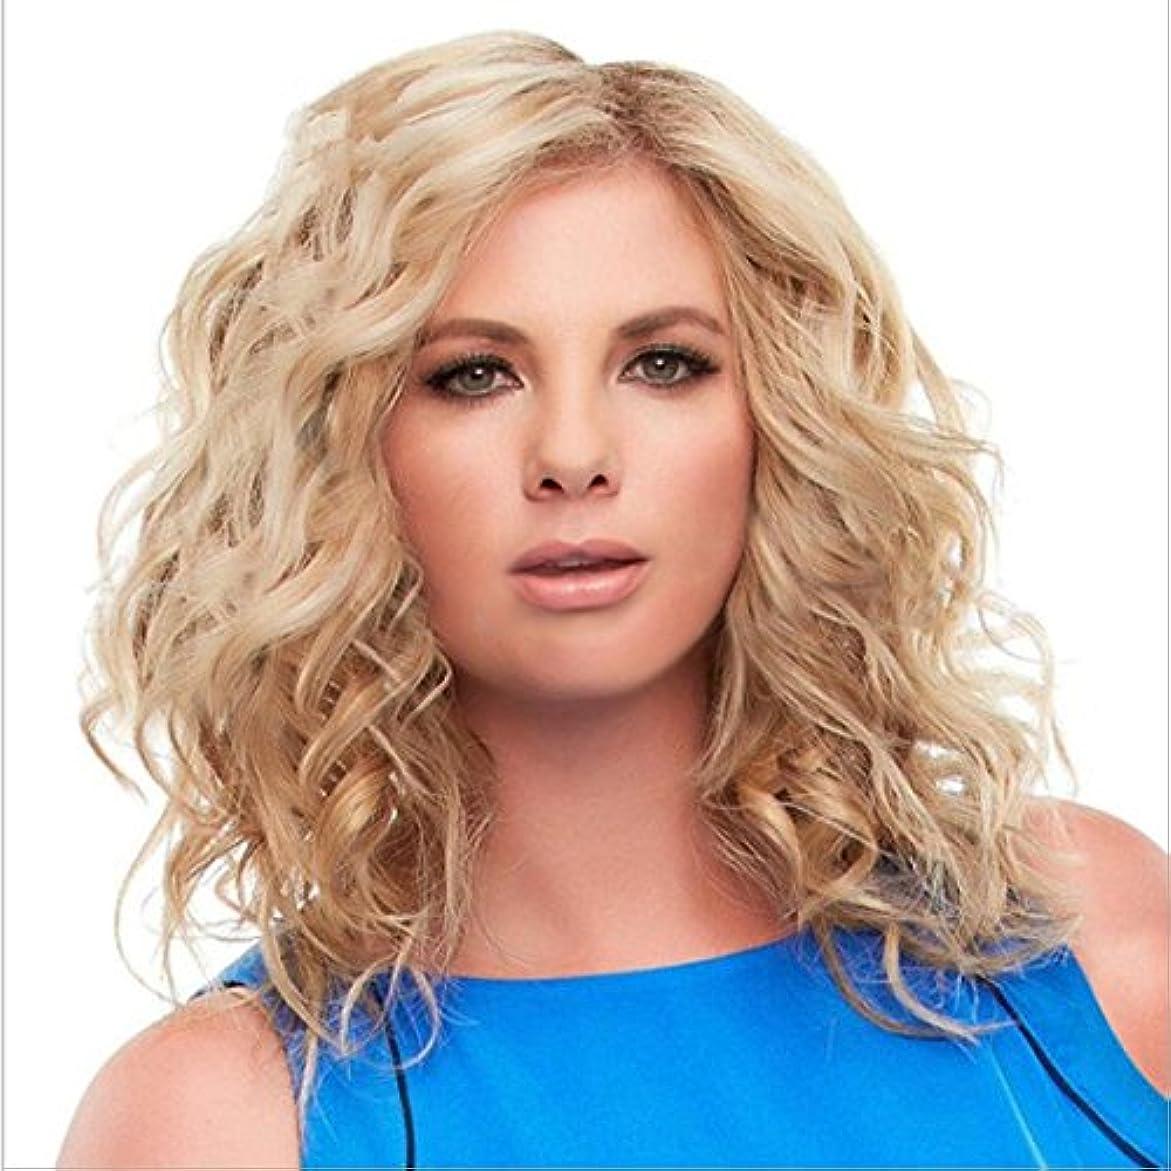 挽く枕気配りのあるYOUQIU 化学繊維の女性のかつらユースレディースロングカーリーナチュラルカラーウィッグを有する中間前髪髪の耐熱ウィッグの長さについては65センチメートルウィッグ (色 : ゴールド)